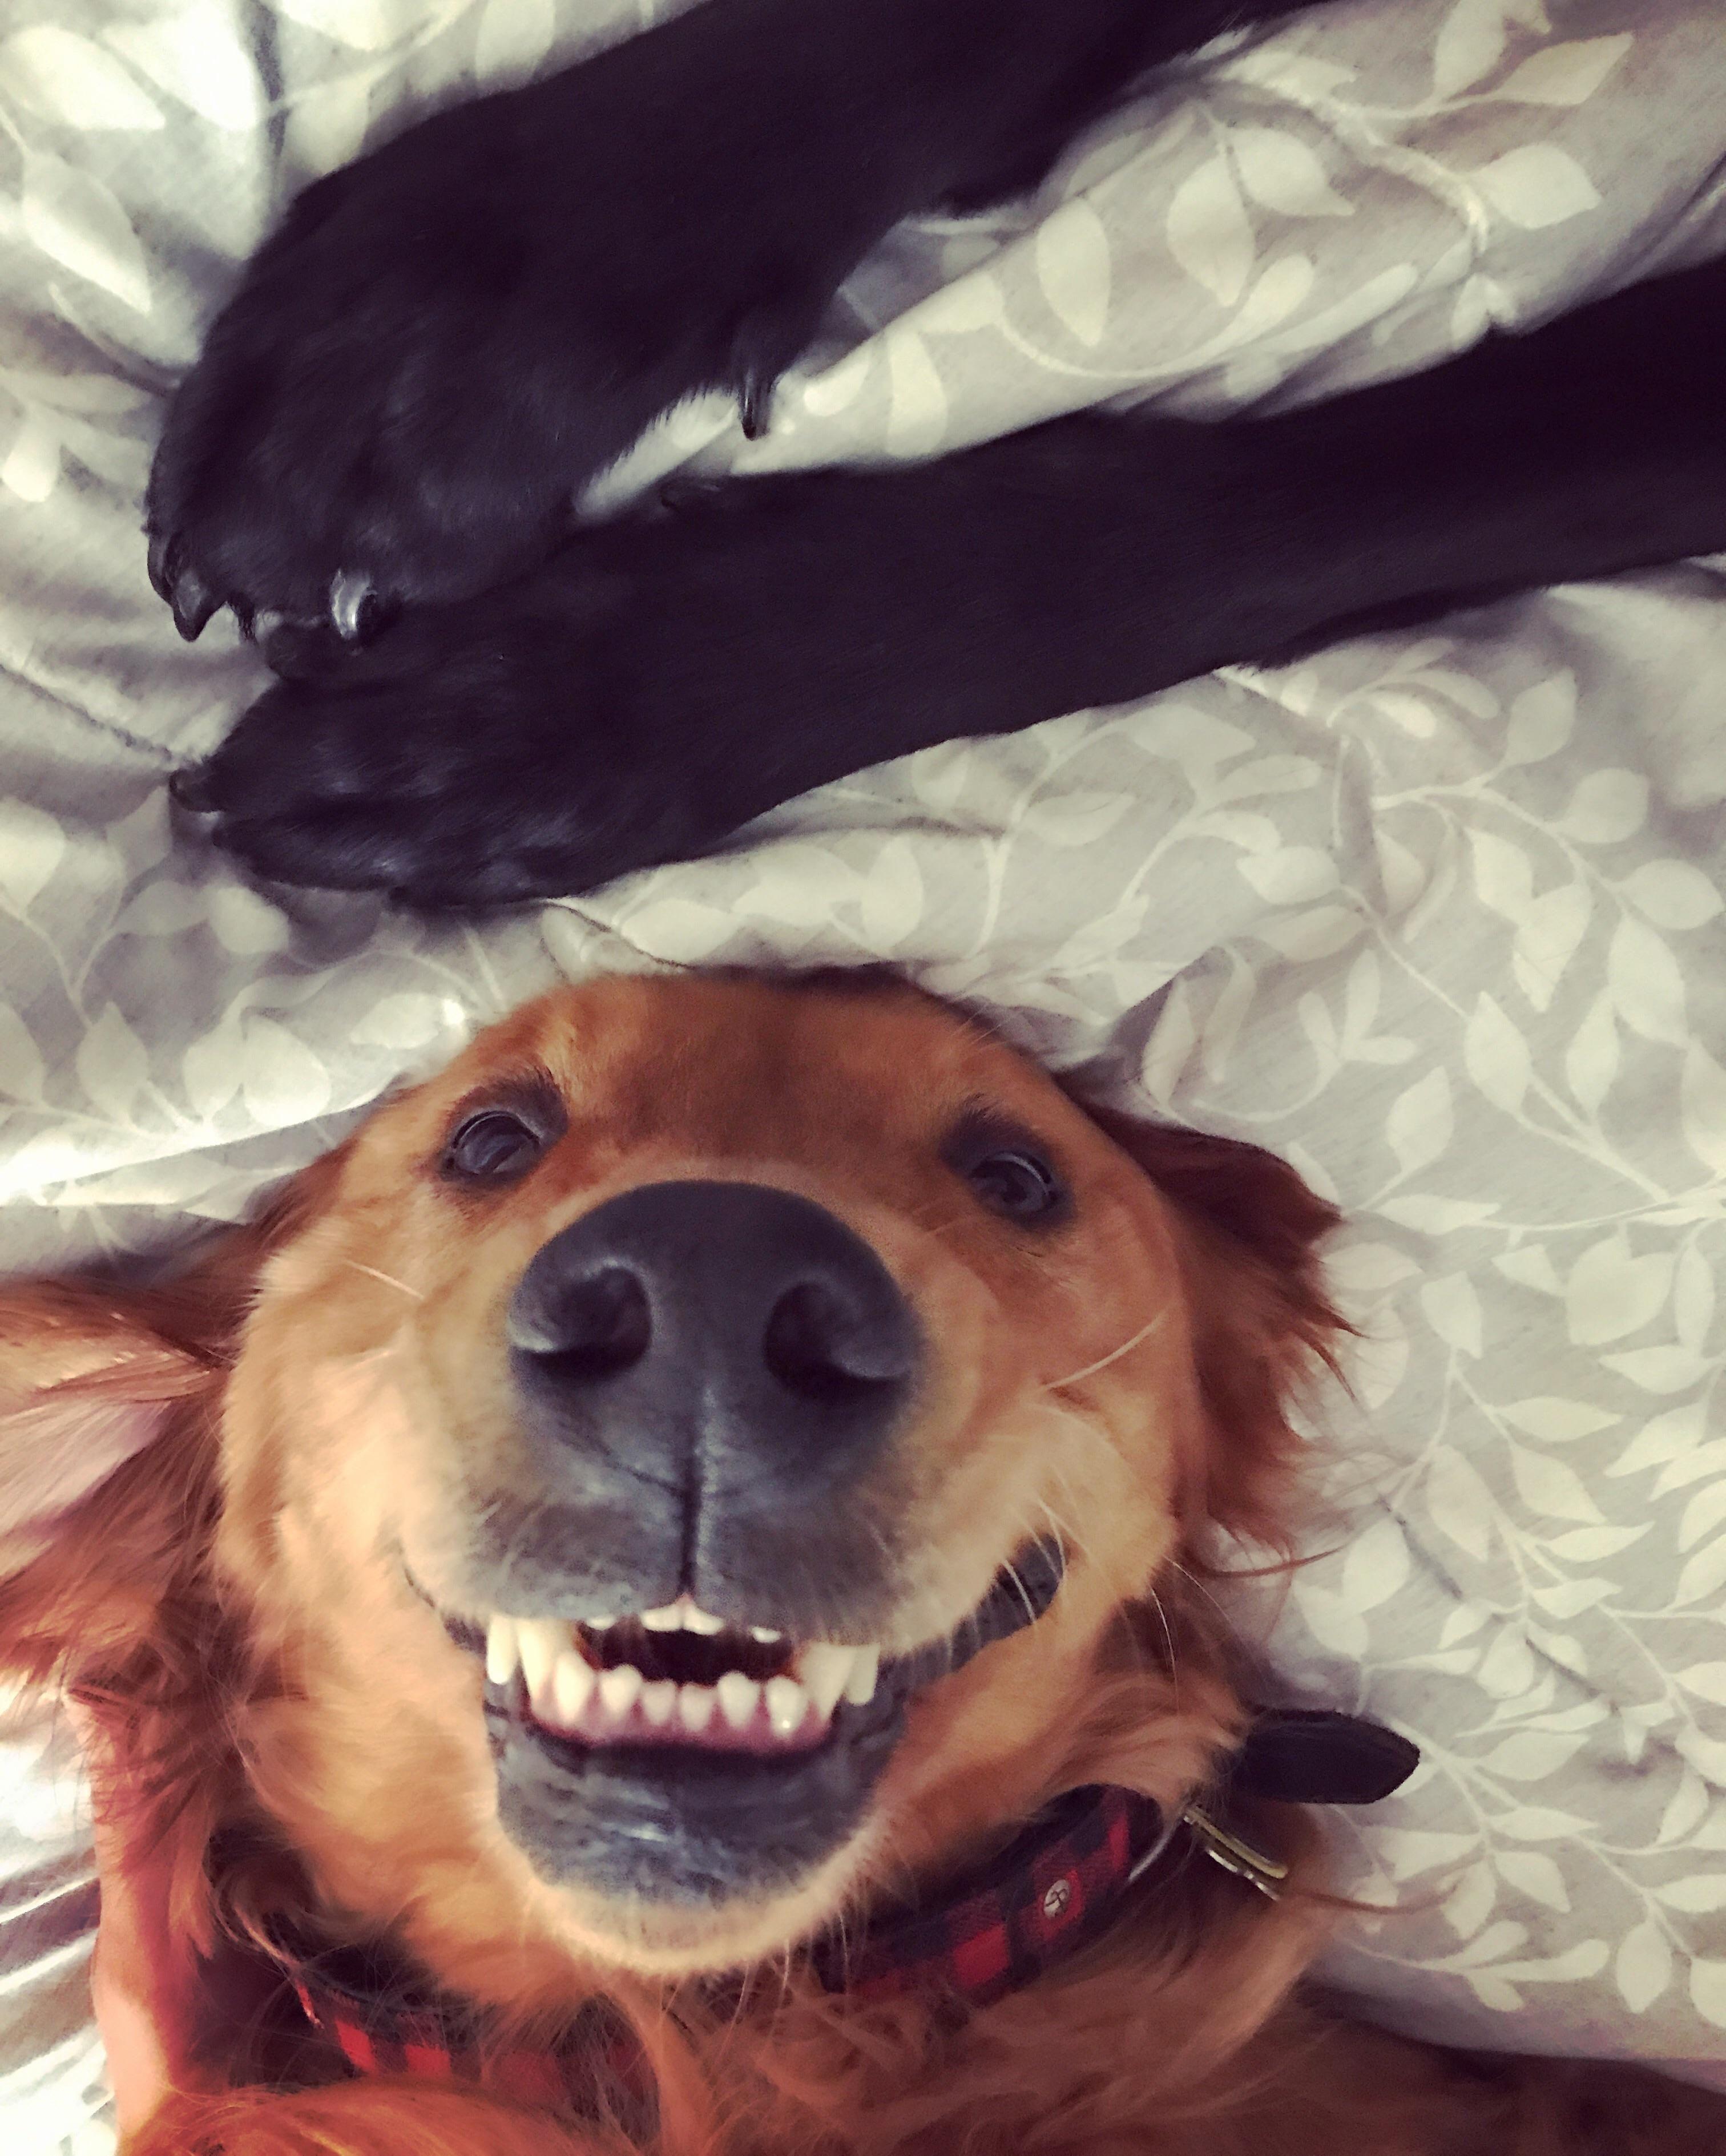 A little bit of derp this morning cute animals pinterest dog